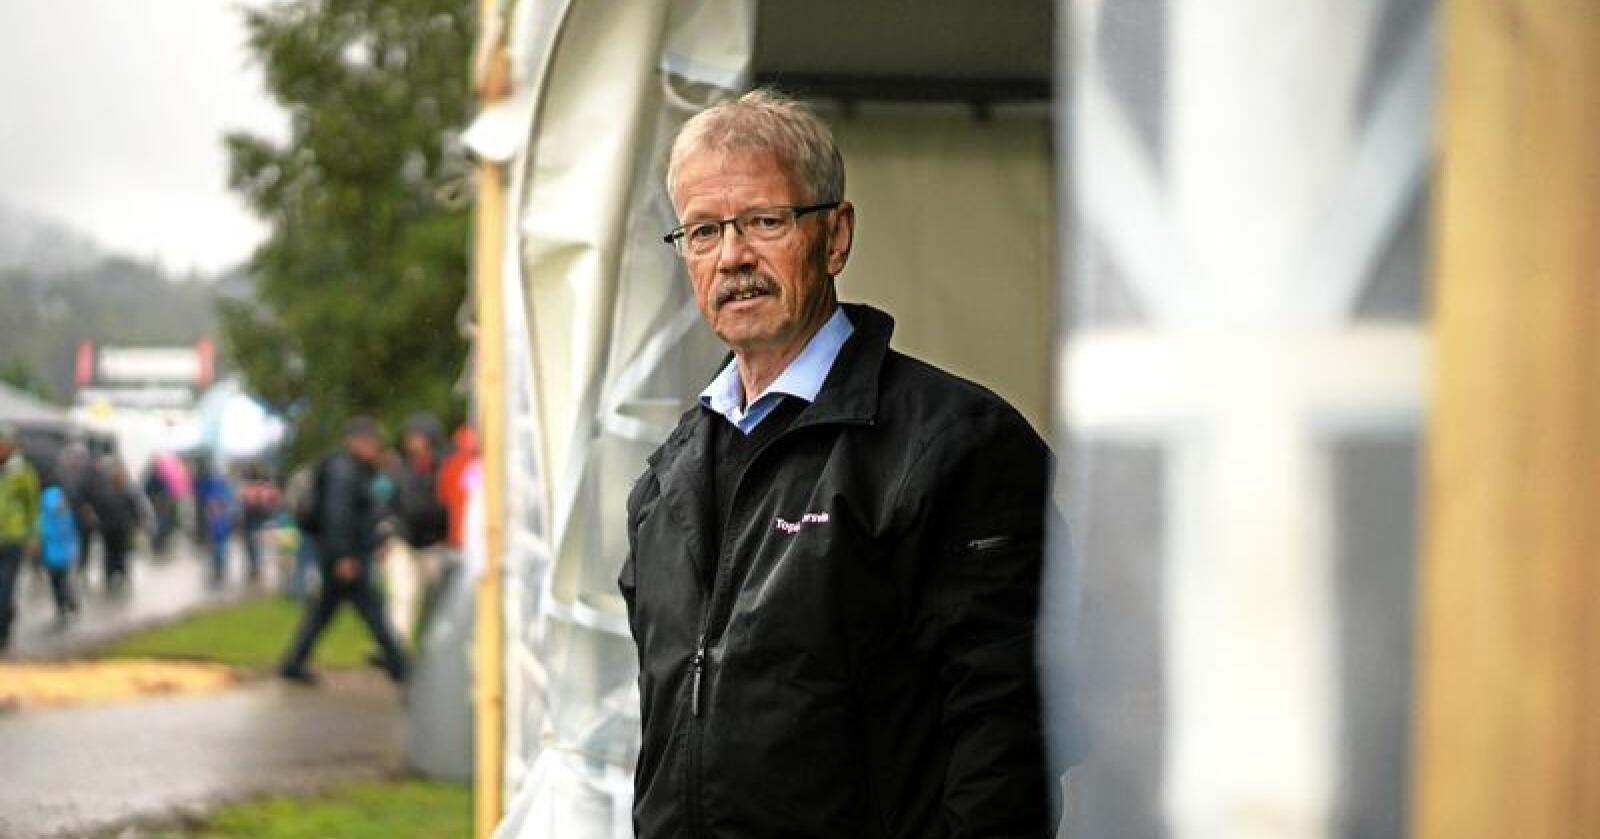 Administrerende direktør i Norsvin, Olav Eik-Nes, gleder seg stort over utviklingen for det internasjonale selskapet Topigs Norsvin. Foto: Benjamin Hernes Vogl